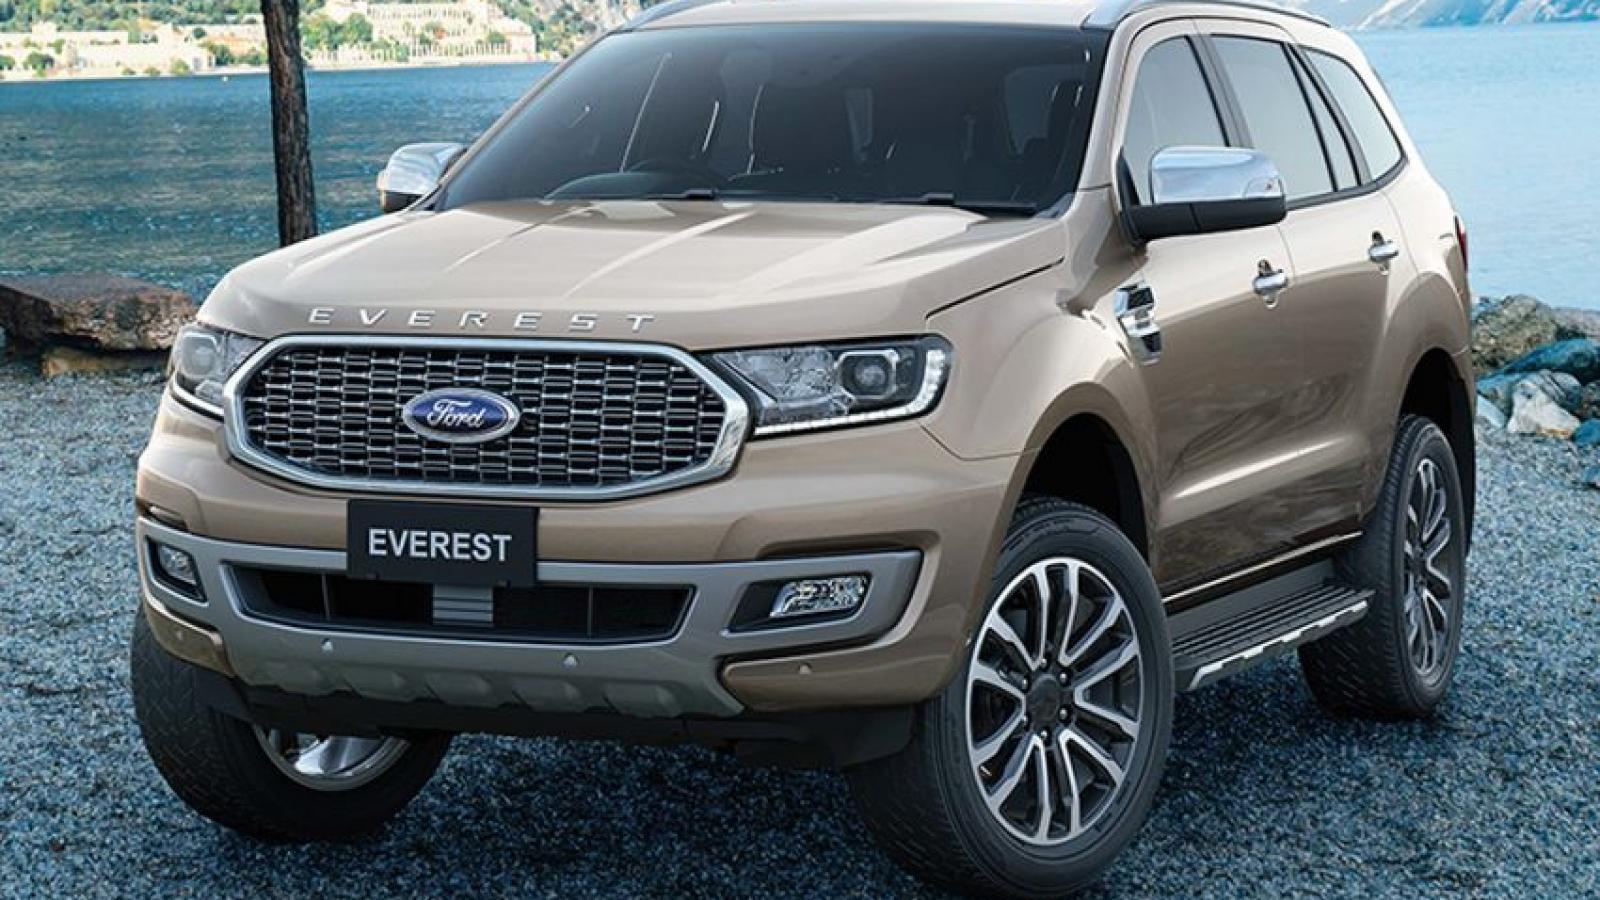 Ford Everest 2021 vừa ra mắt thay đổi những gì?